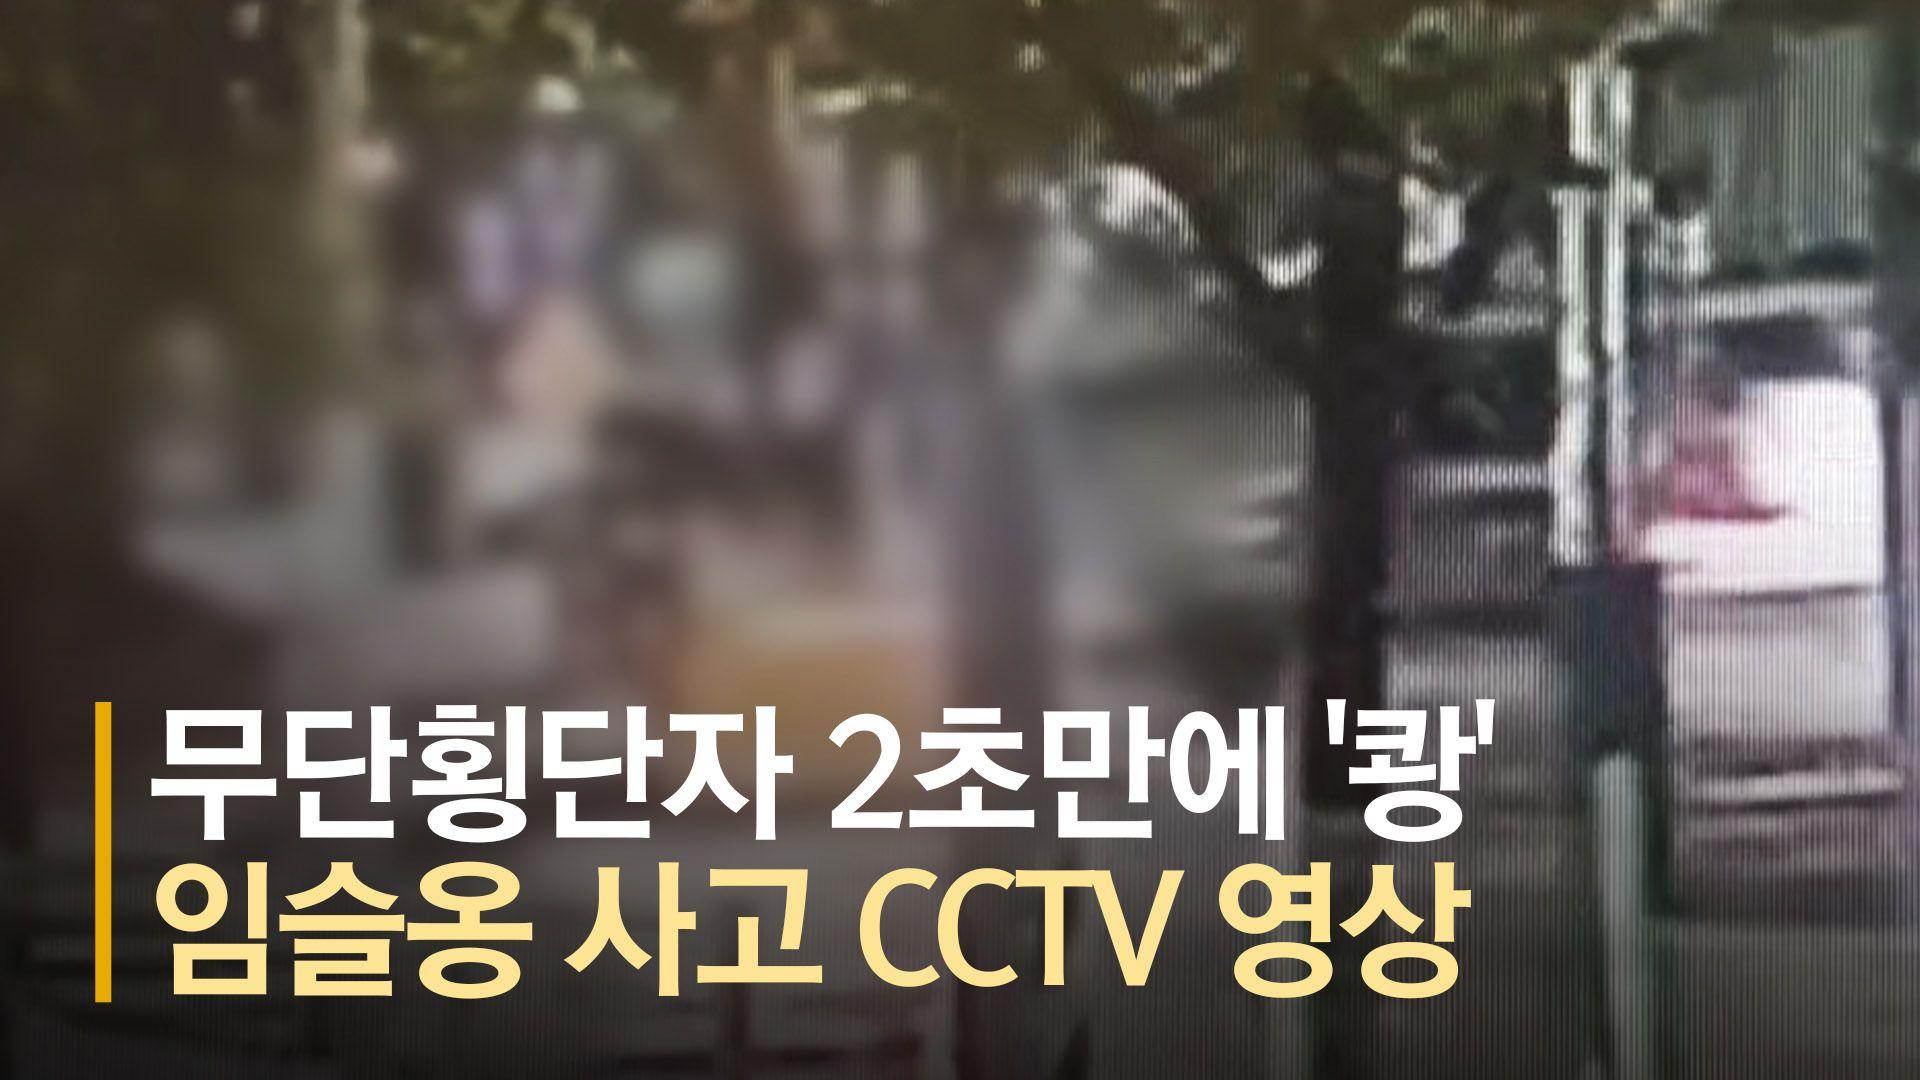 무단횡단자 2초만에 '쾅'···임슬옹 사고 CCTV 영상